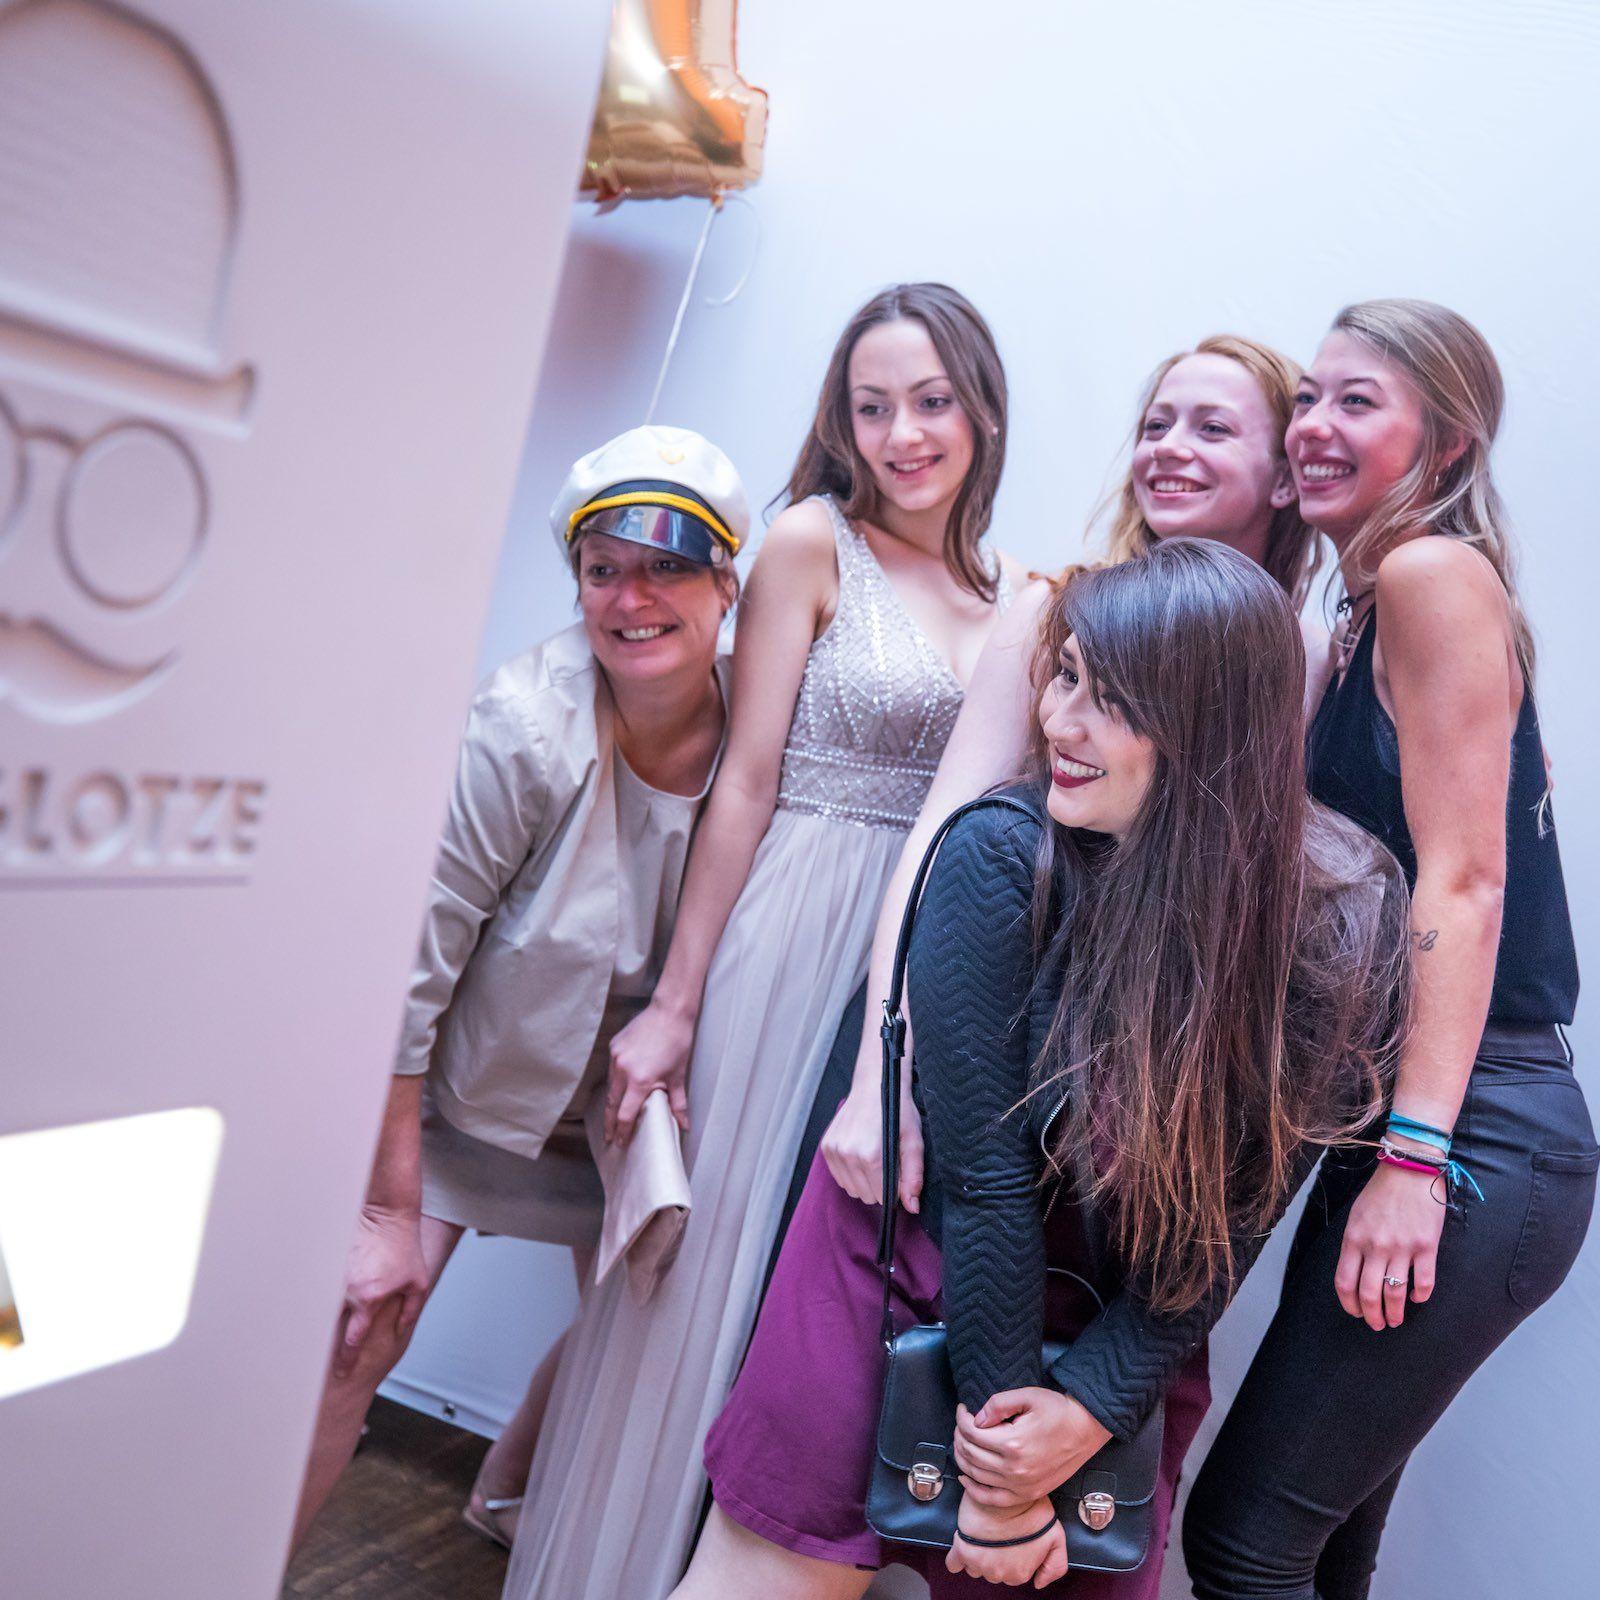 Fotobox | Mieten | Druck | Ausdruck | Sofortdruck | Fotokiste | Photobooth | Hochzeit | Fotoautomat | Messe | Event | Firmenfeier | Abiball | Buchen | Anfragen | Mieten | Fotoglotze | Lehmann | Eventservice